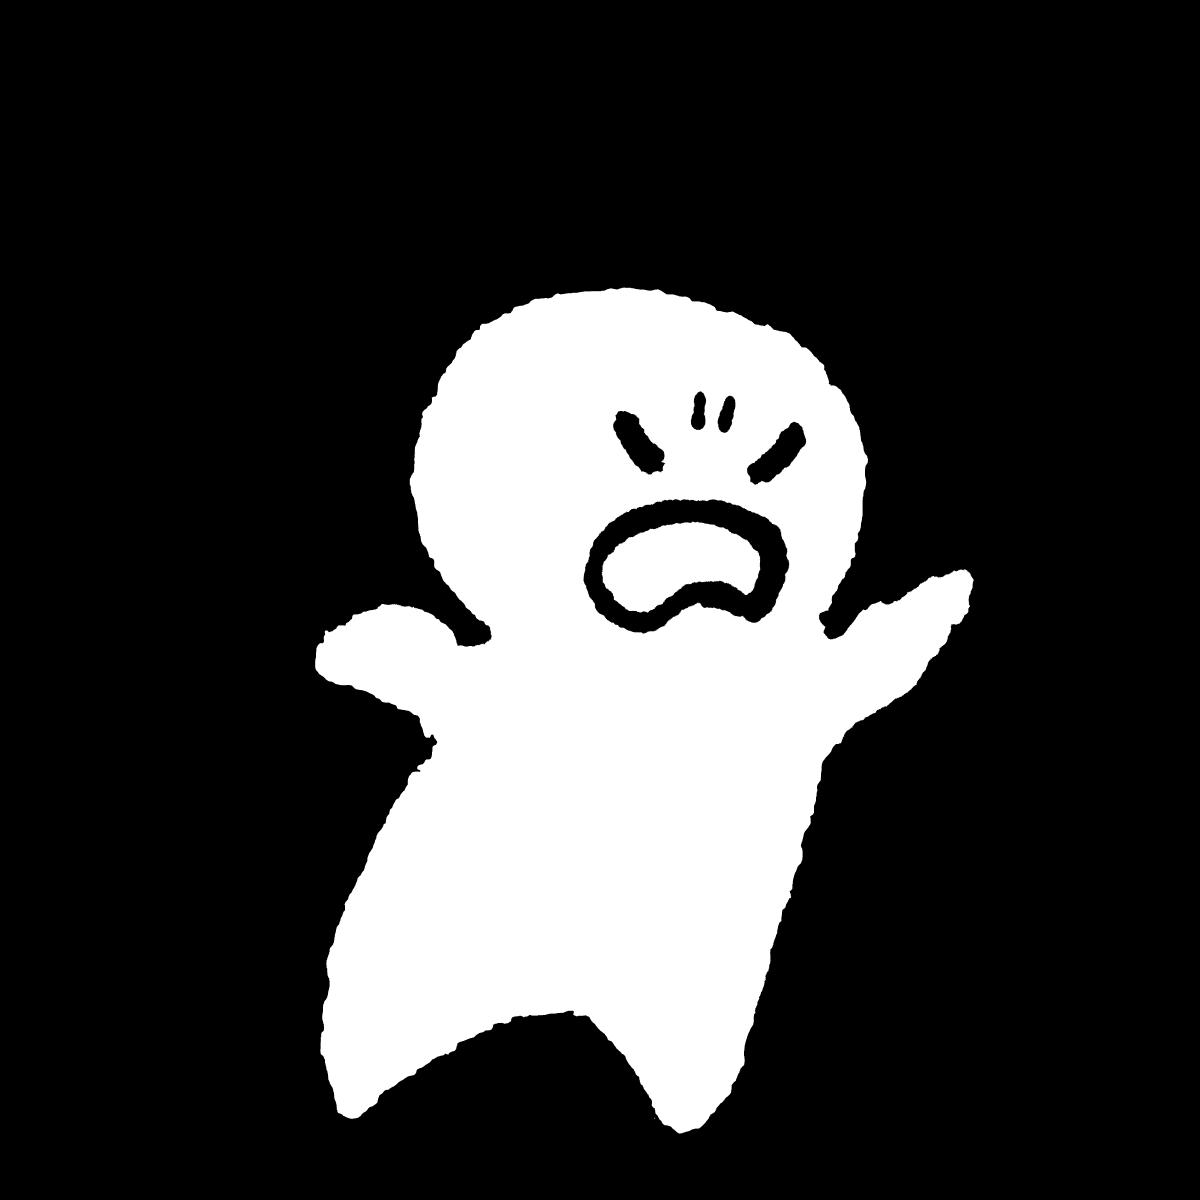 怒る人2のイラスト / Angry 2 Illustration